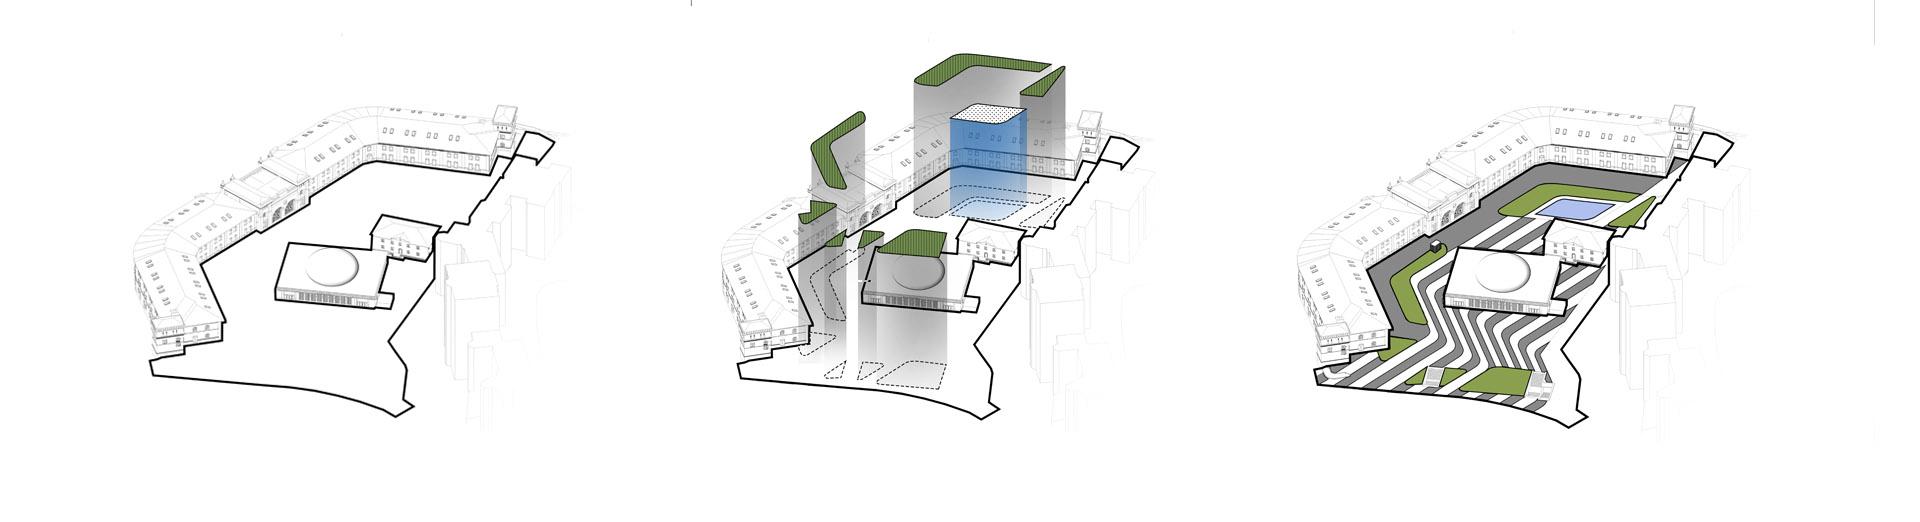 Концепція формотворення Арсенальна площа